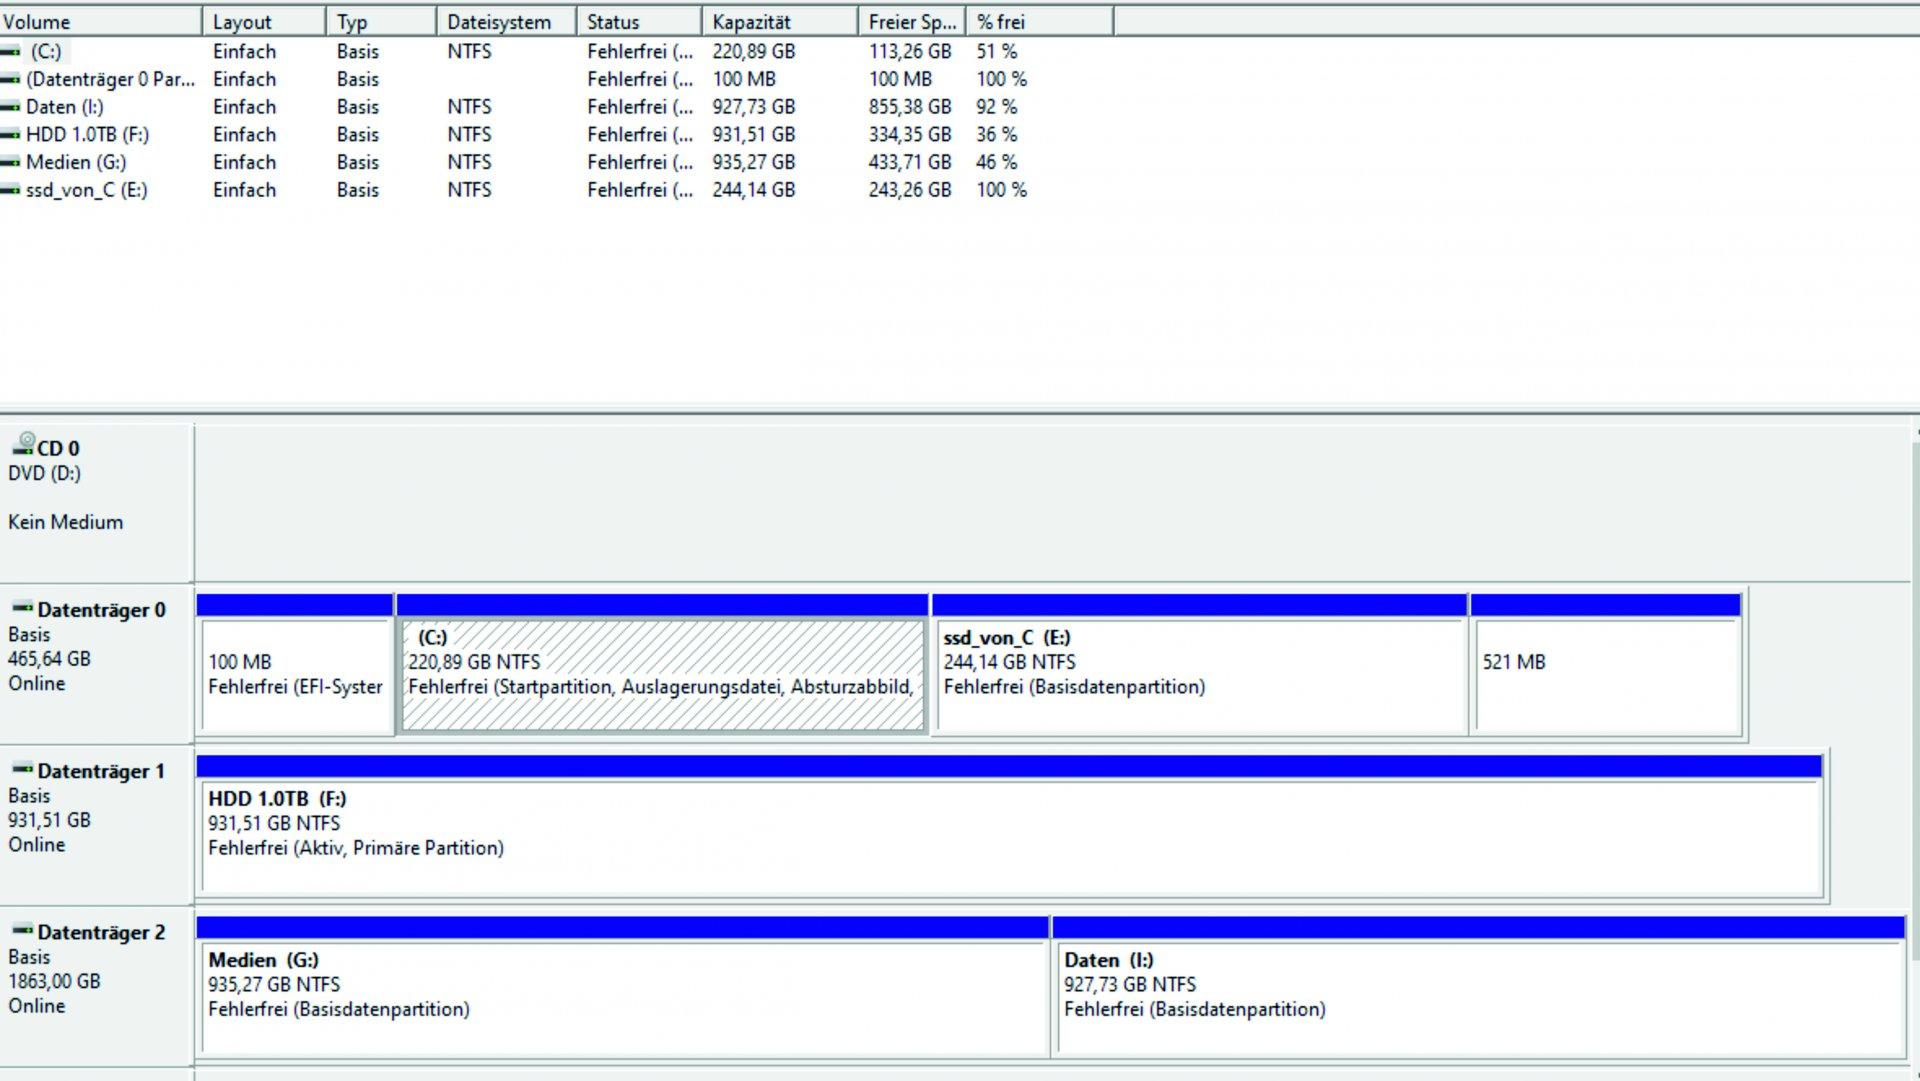 Datentraeger_02.jpg